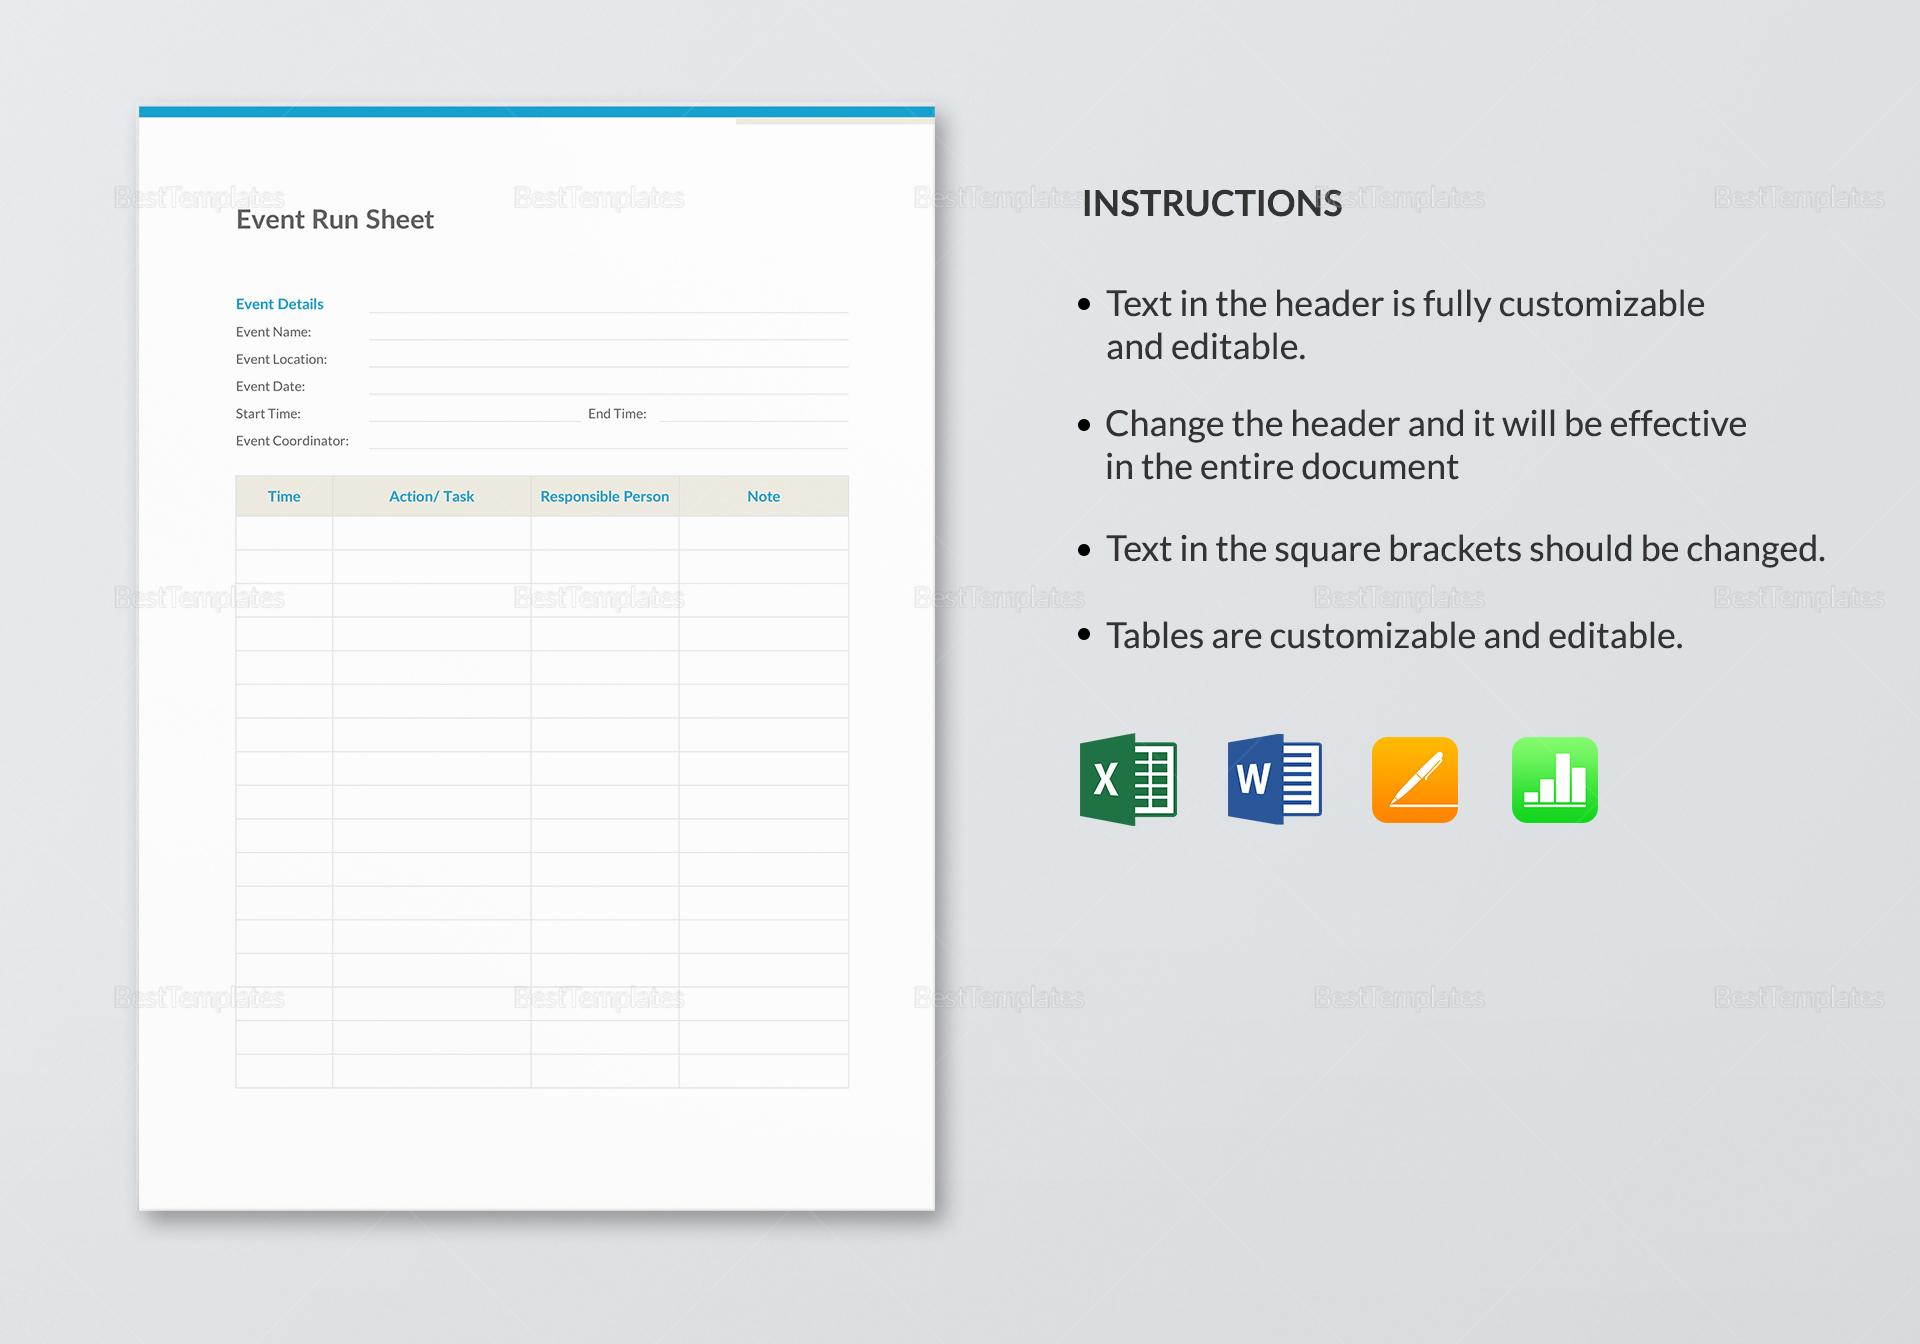 Event Run Sheet Template to Edit